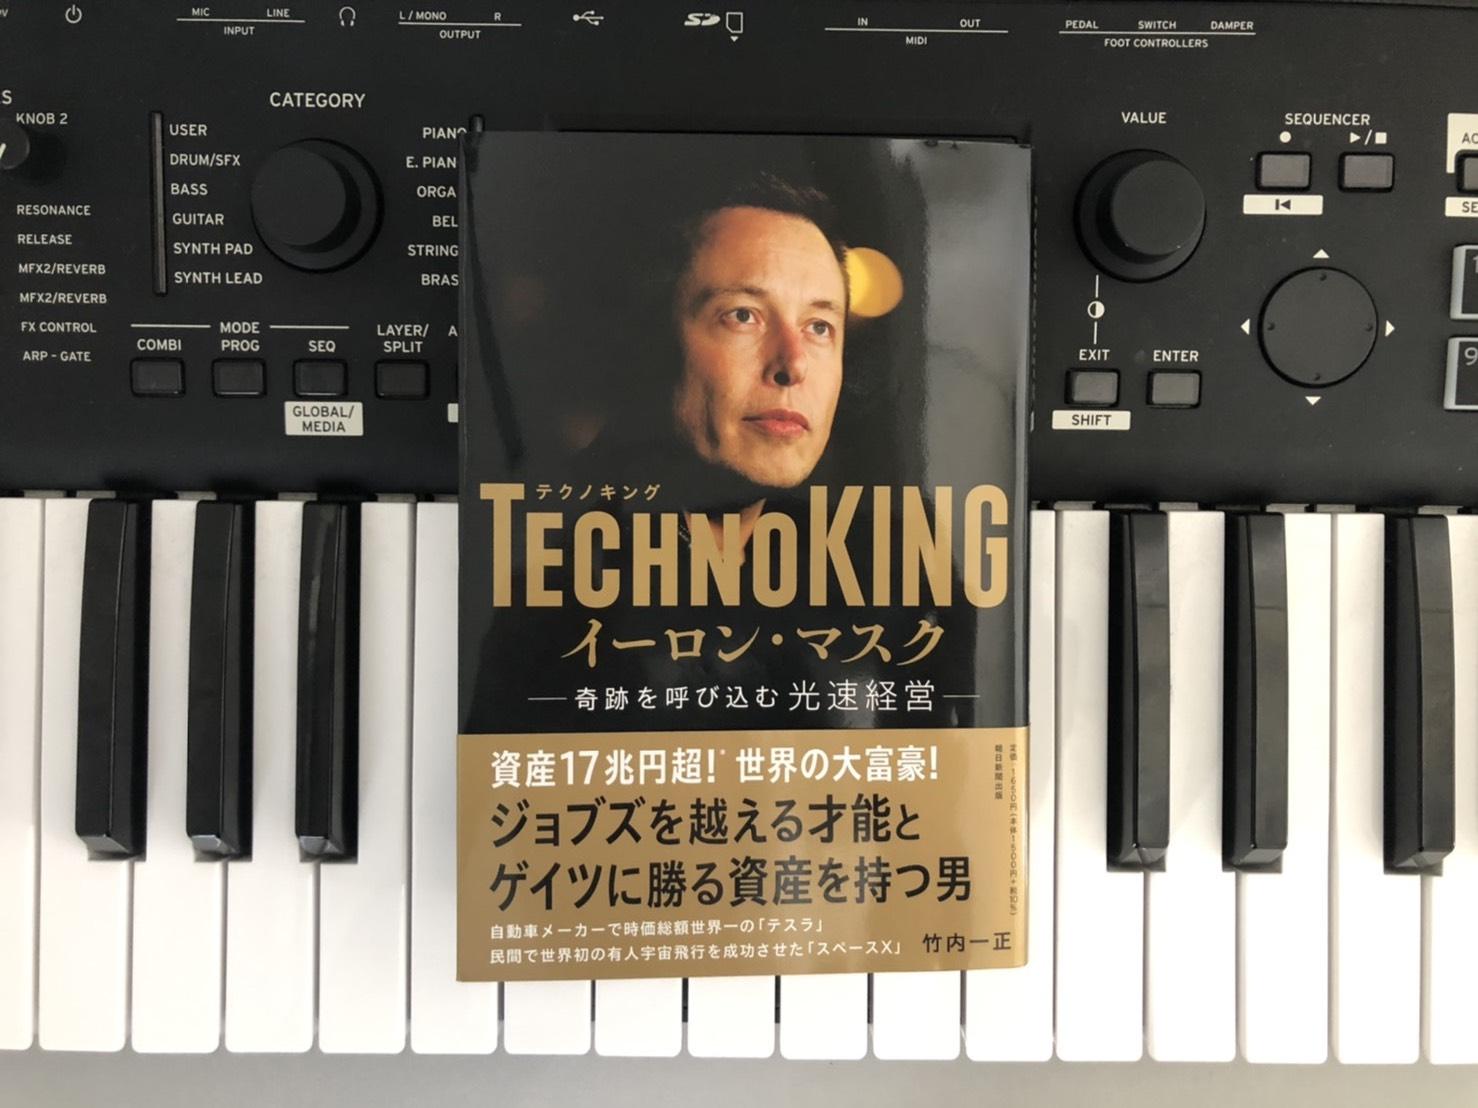 TECHNO KING(テクノキング) イーロン・マスクは本物のイノベーターか